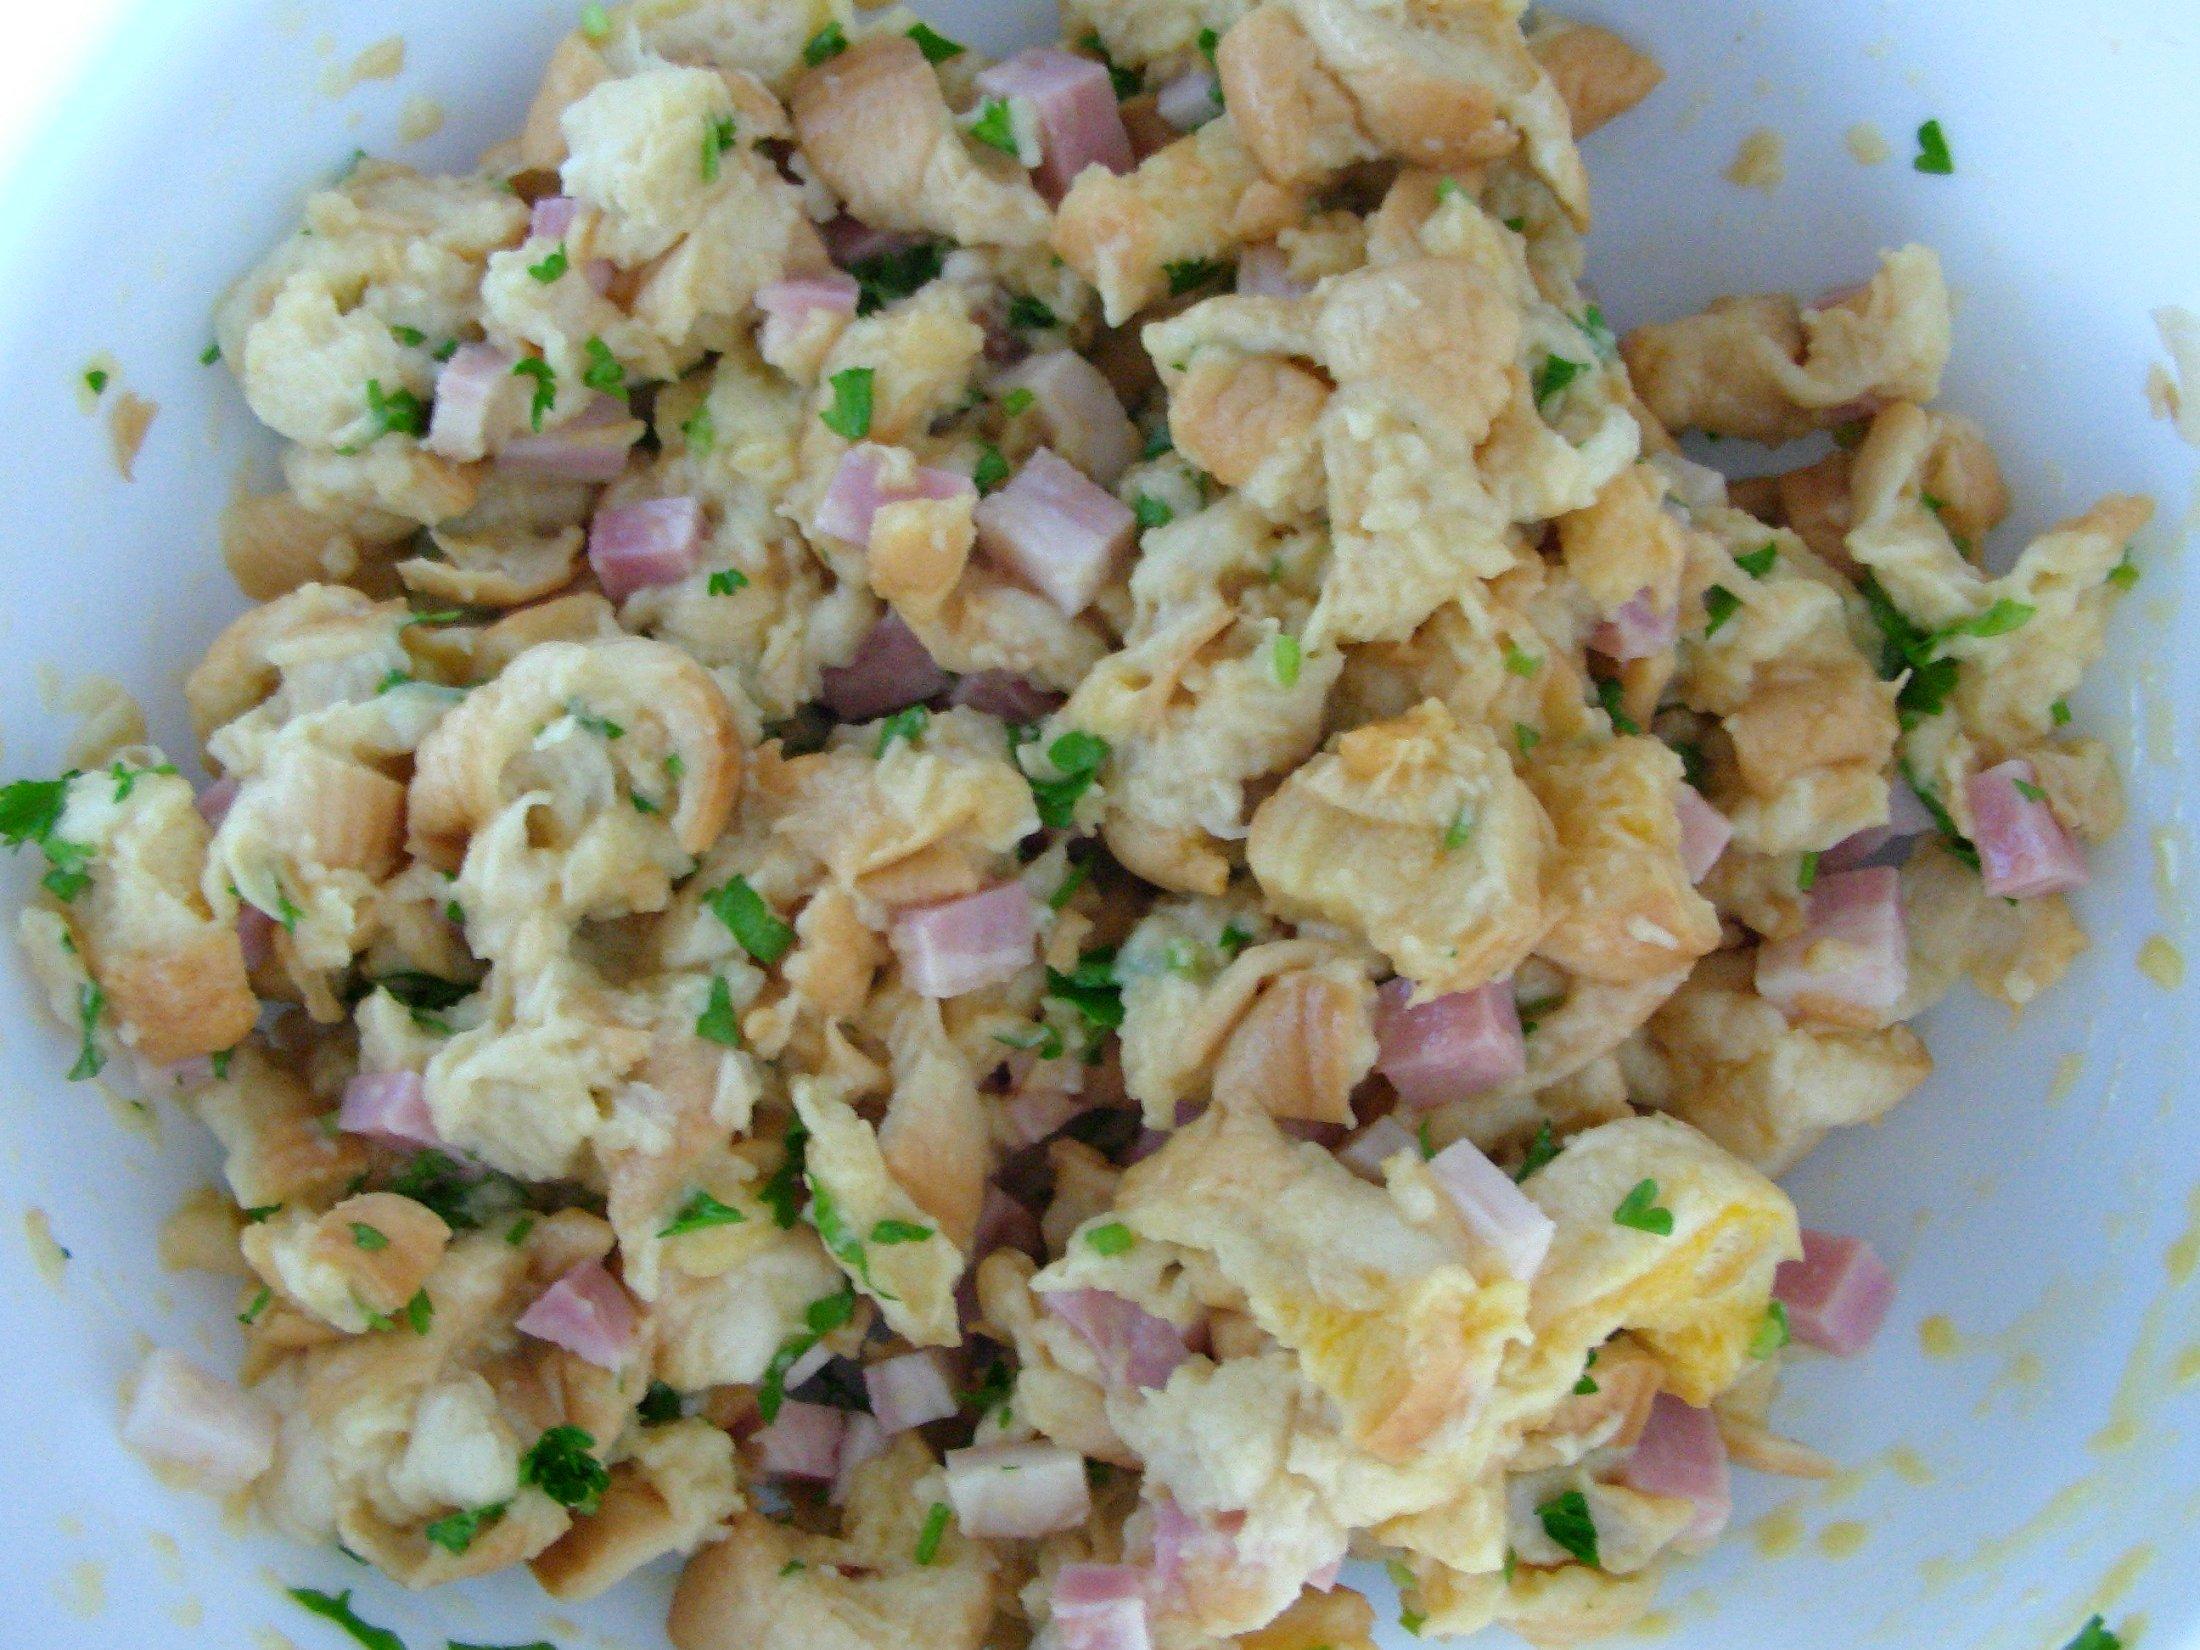 Recept Pečená kuřecí stehna s nádivkou okolo - Směs rohlíků, mléka, žloutků, anglické slaniny a petrželové natě.